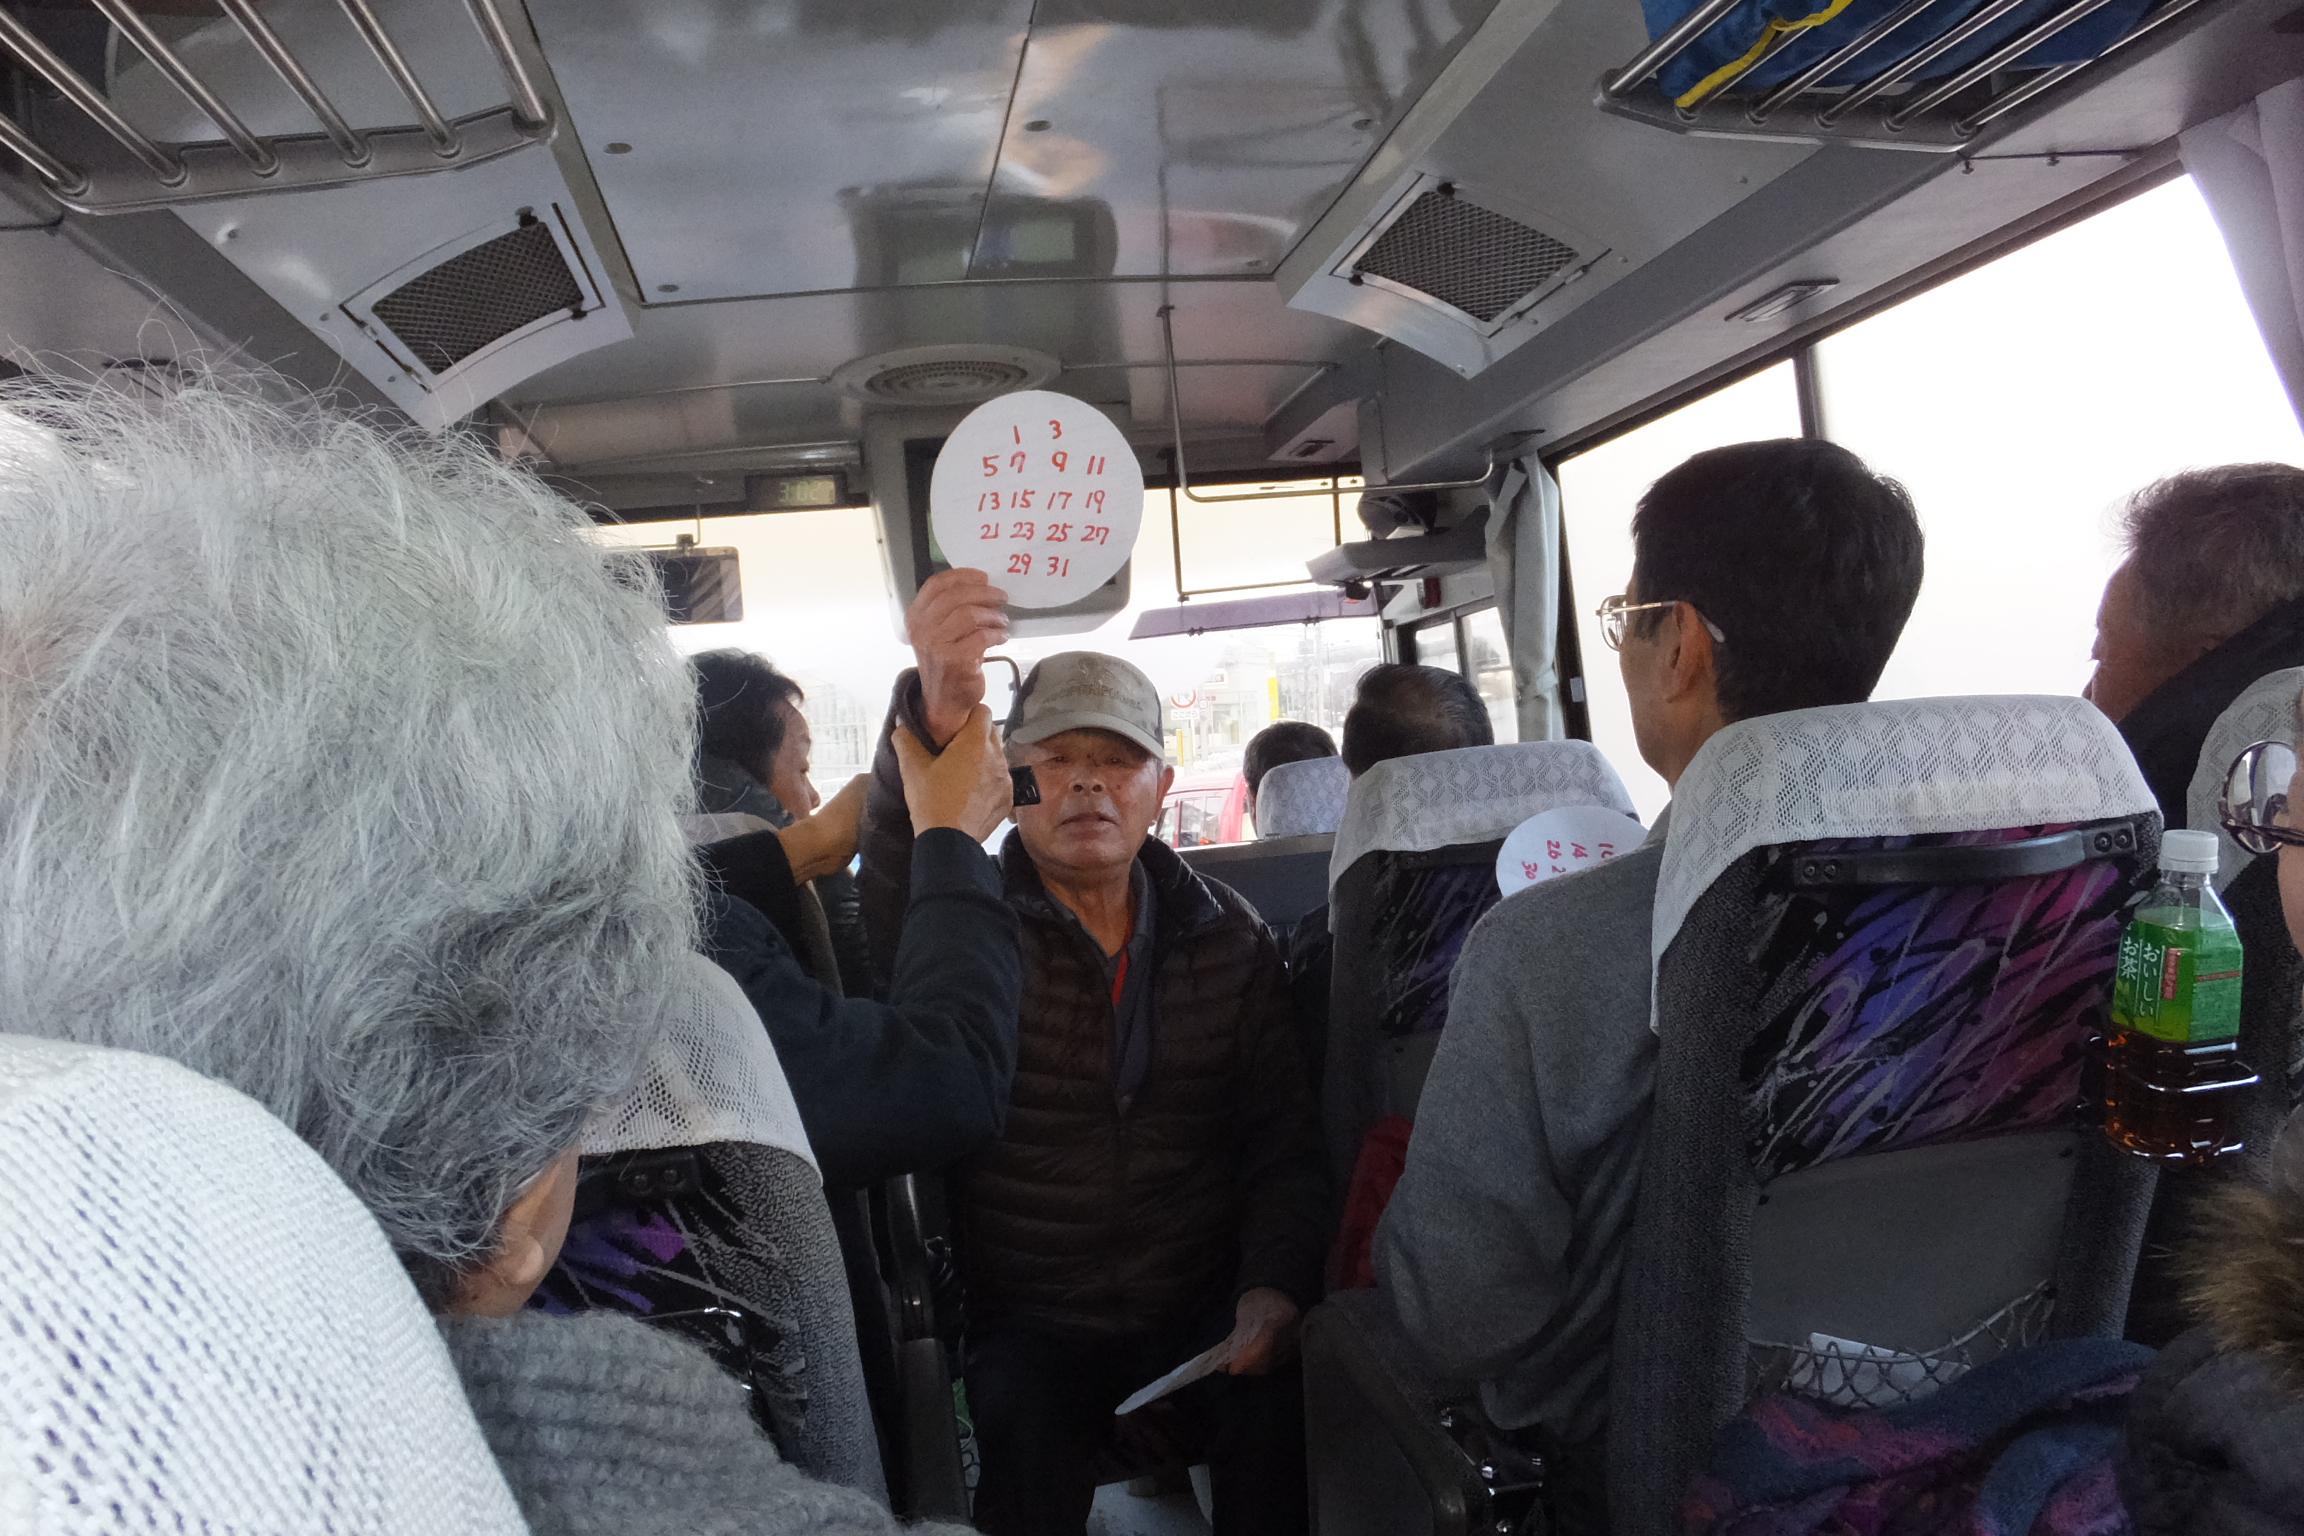 定山渓ビューホテル「ランチビュッフェと温泉入浴」日帰り旅行(2015.11.29)